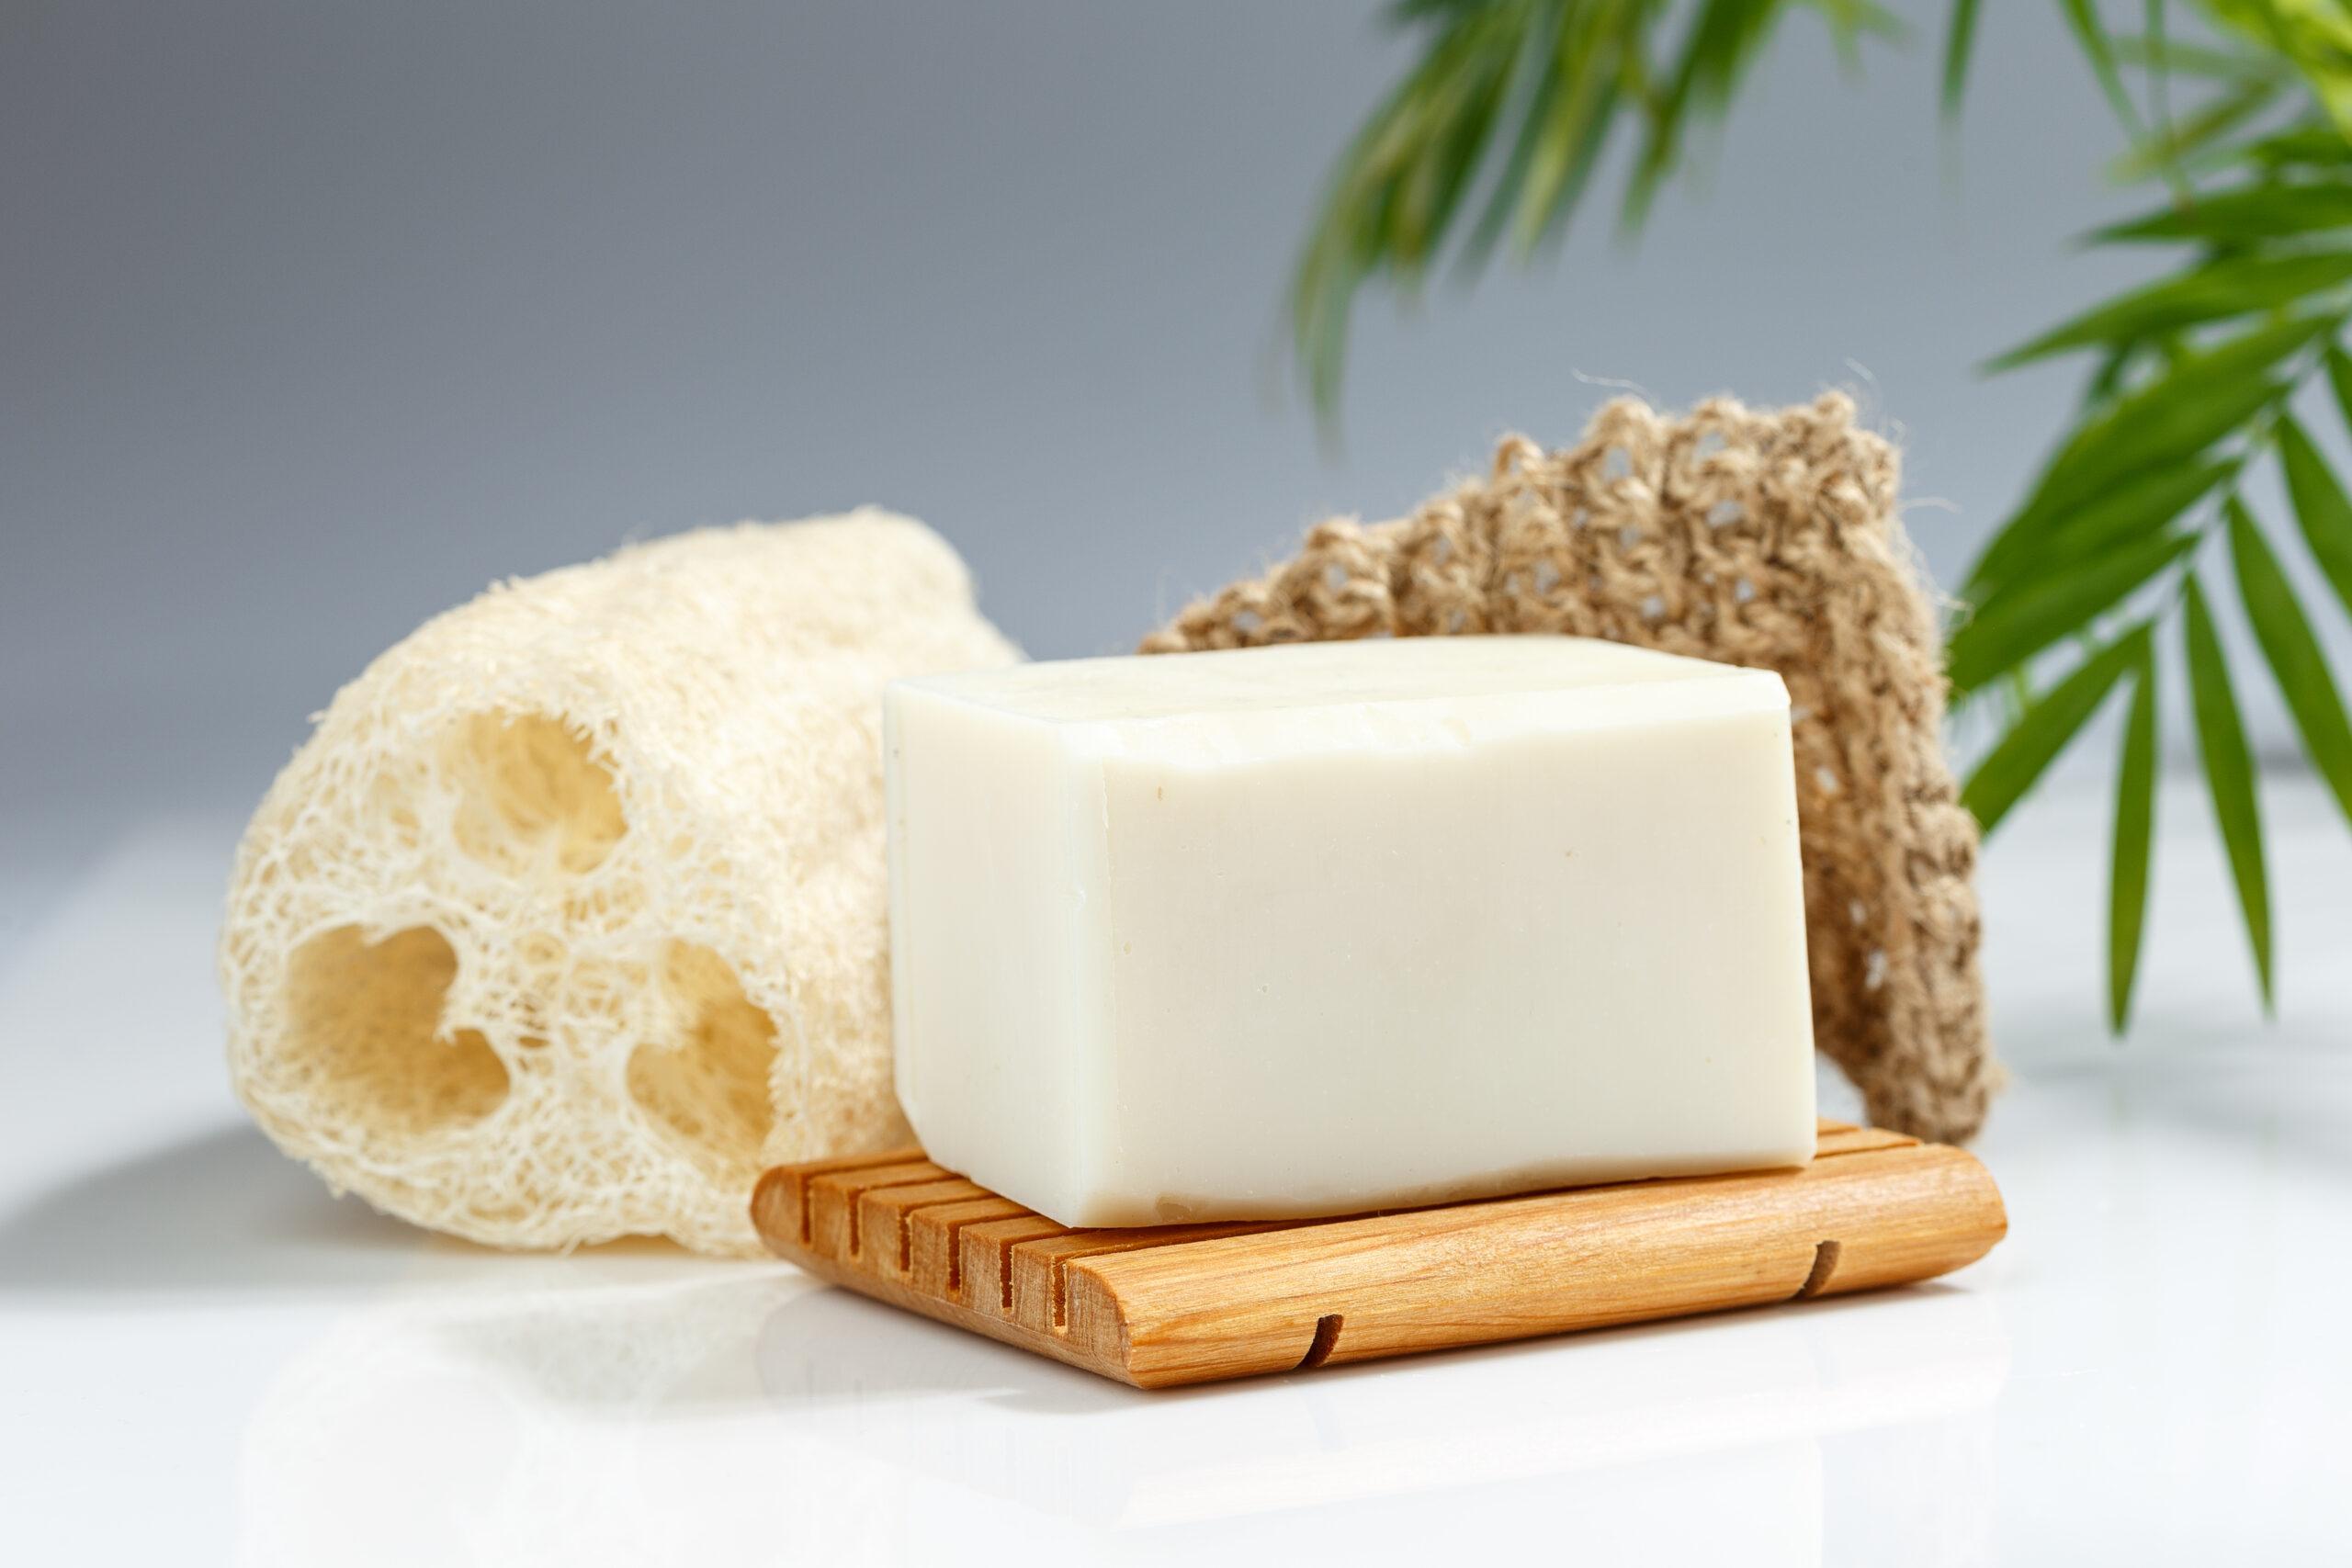 Set aus Wellness Artikeln von Trisa Accessoires aus natürlichen Materialien wie Bambus, Luffa, Hanf.